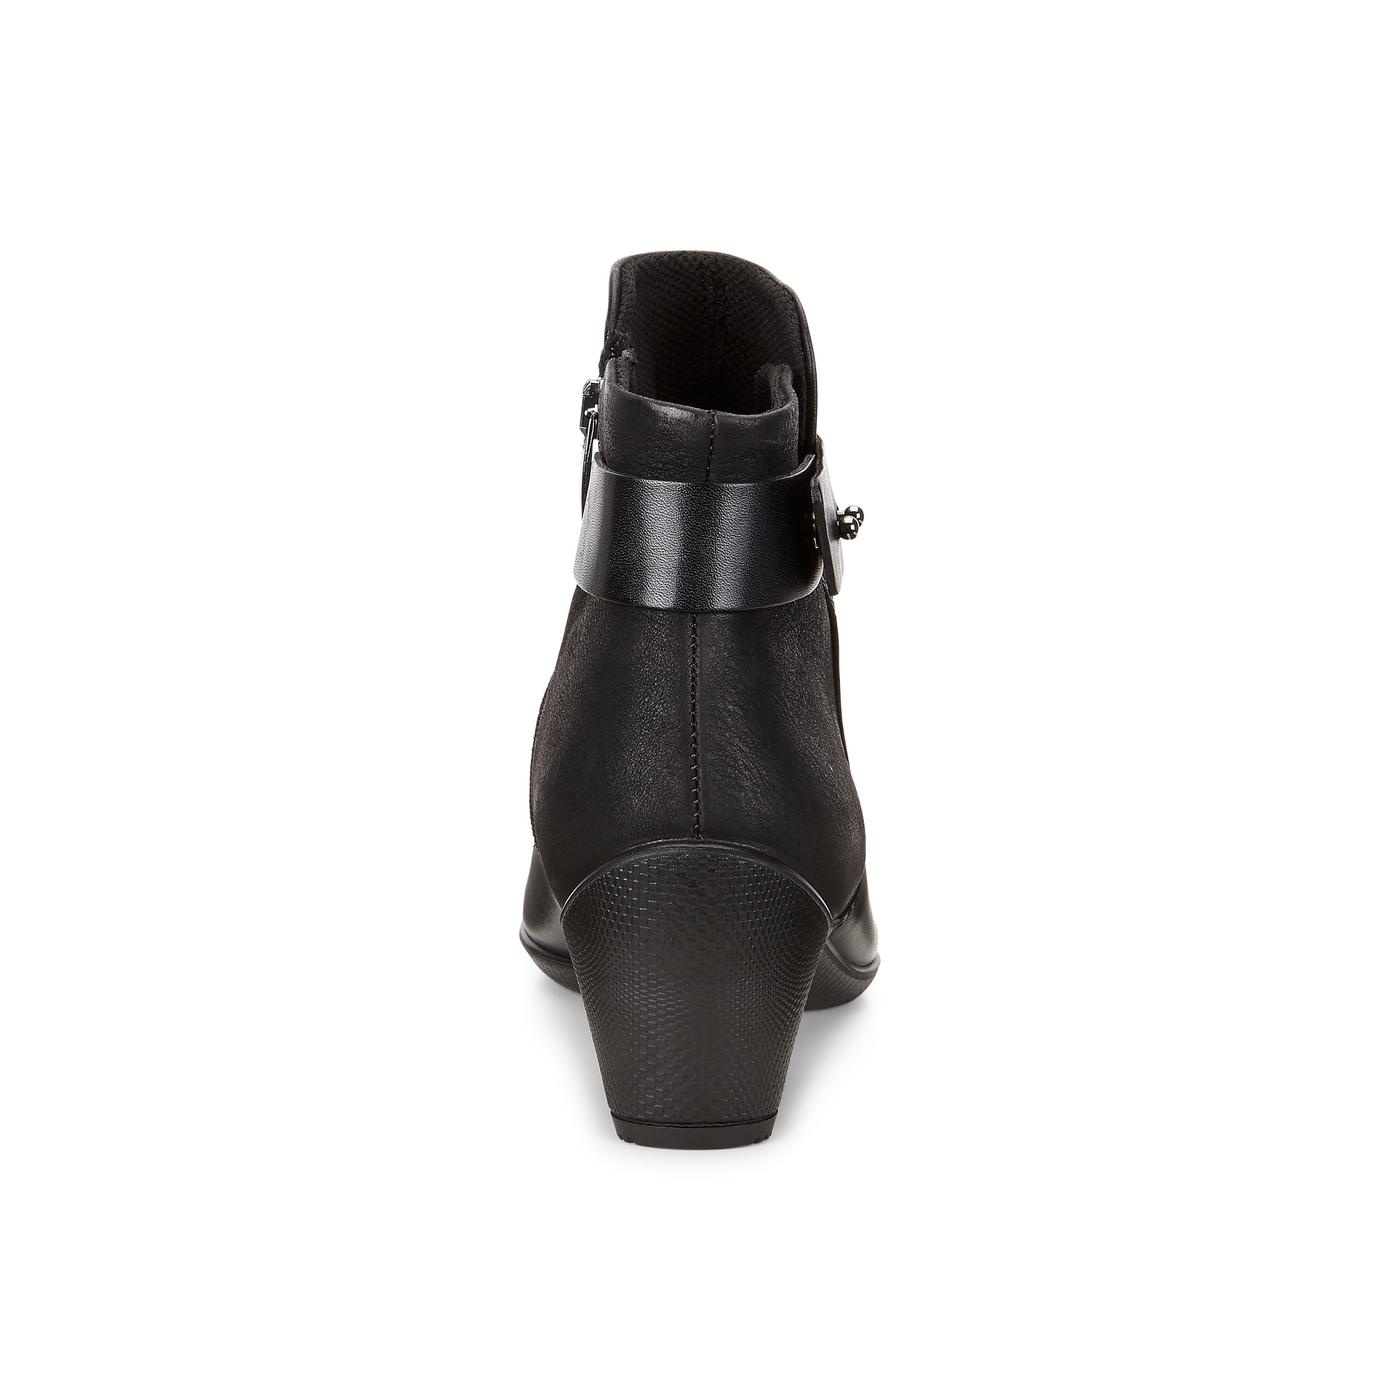 ECCO Sculptured 45 Boot